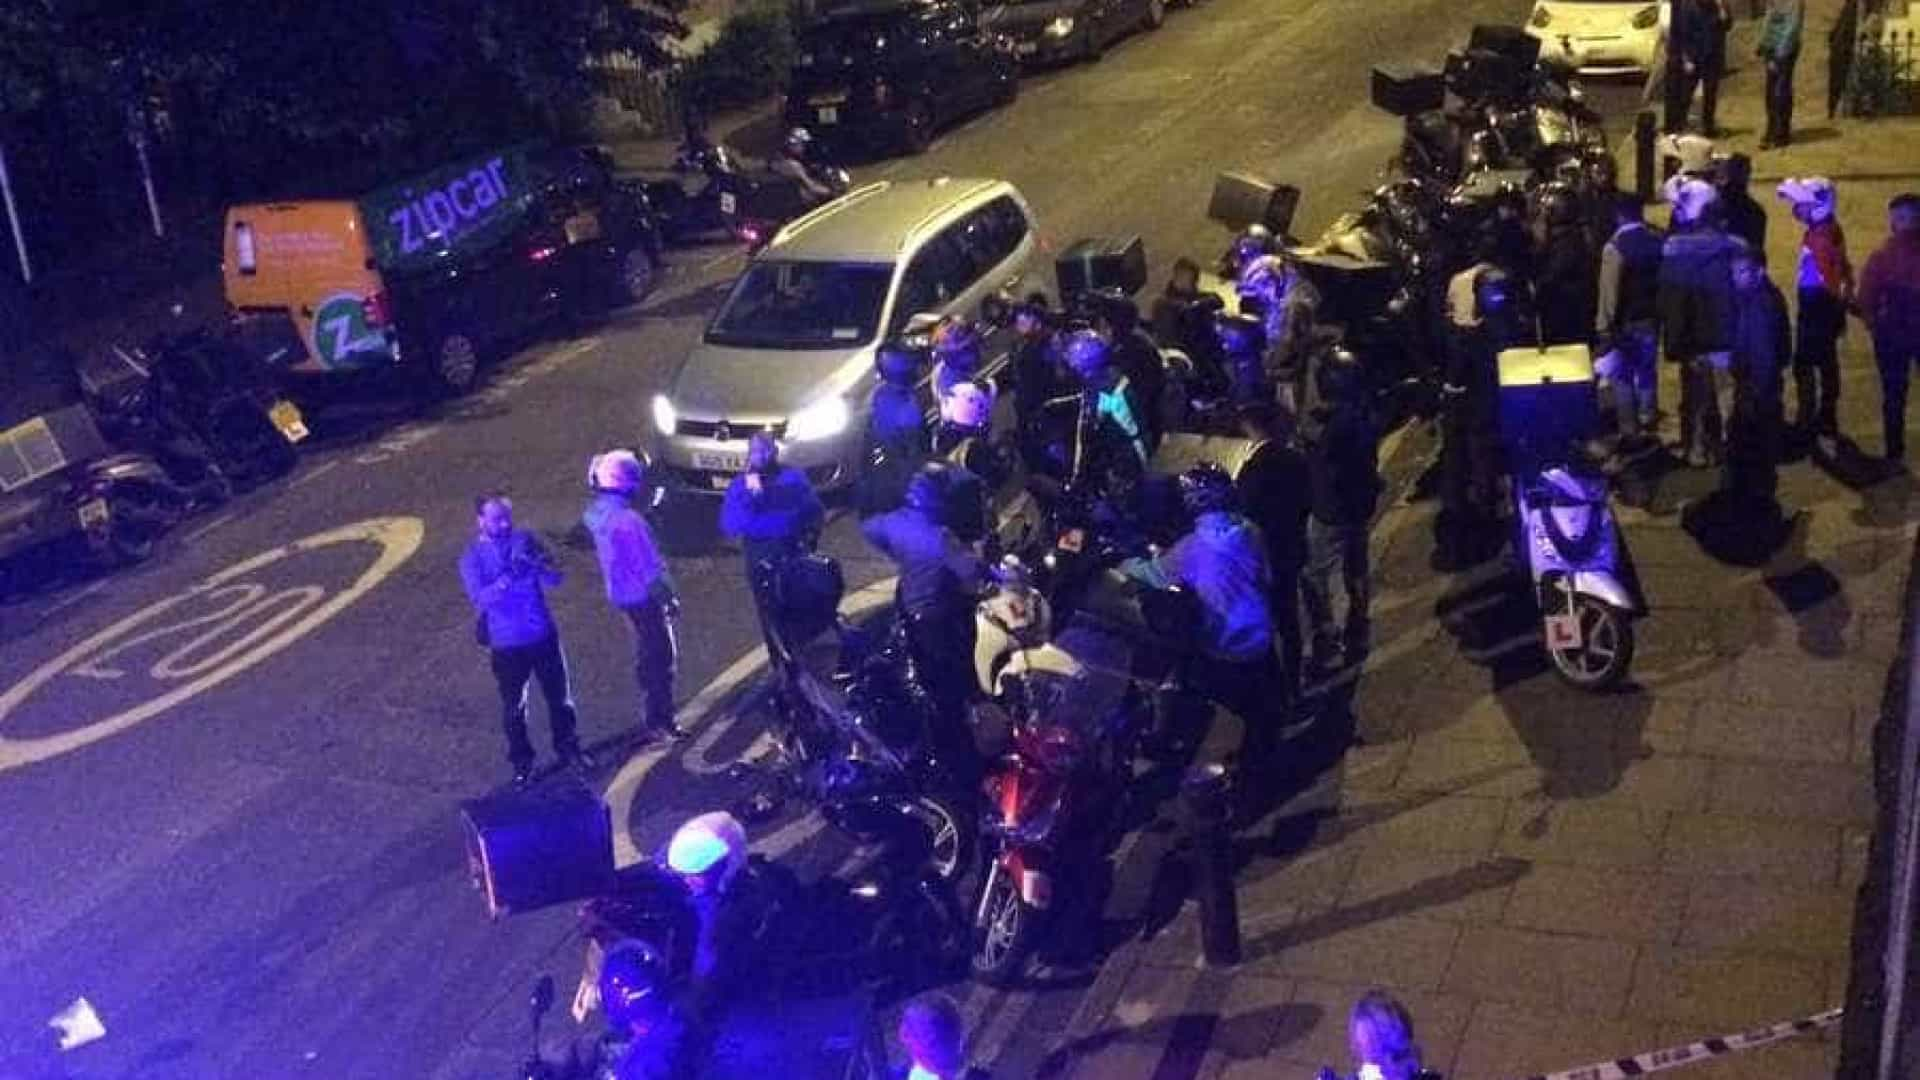 Cinco pessoas atacadas com ácido em Londres por duo em scooters roubadas